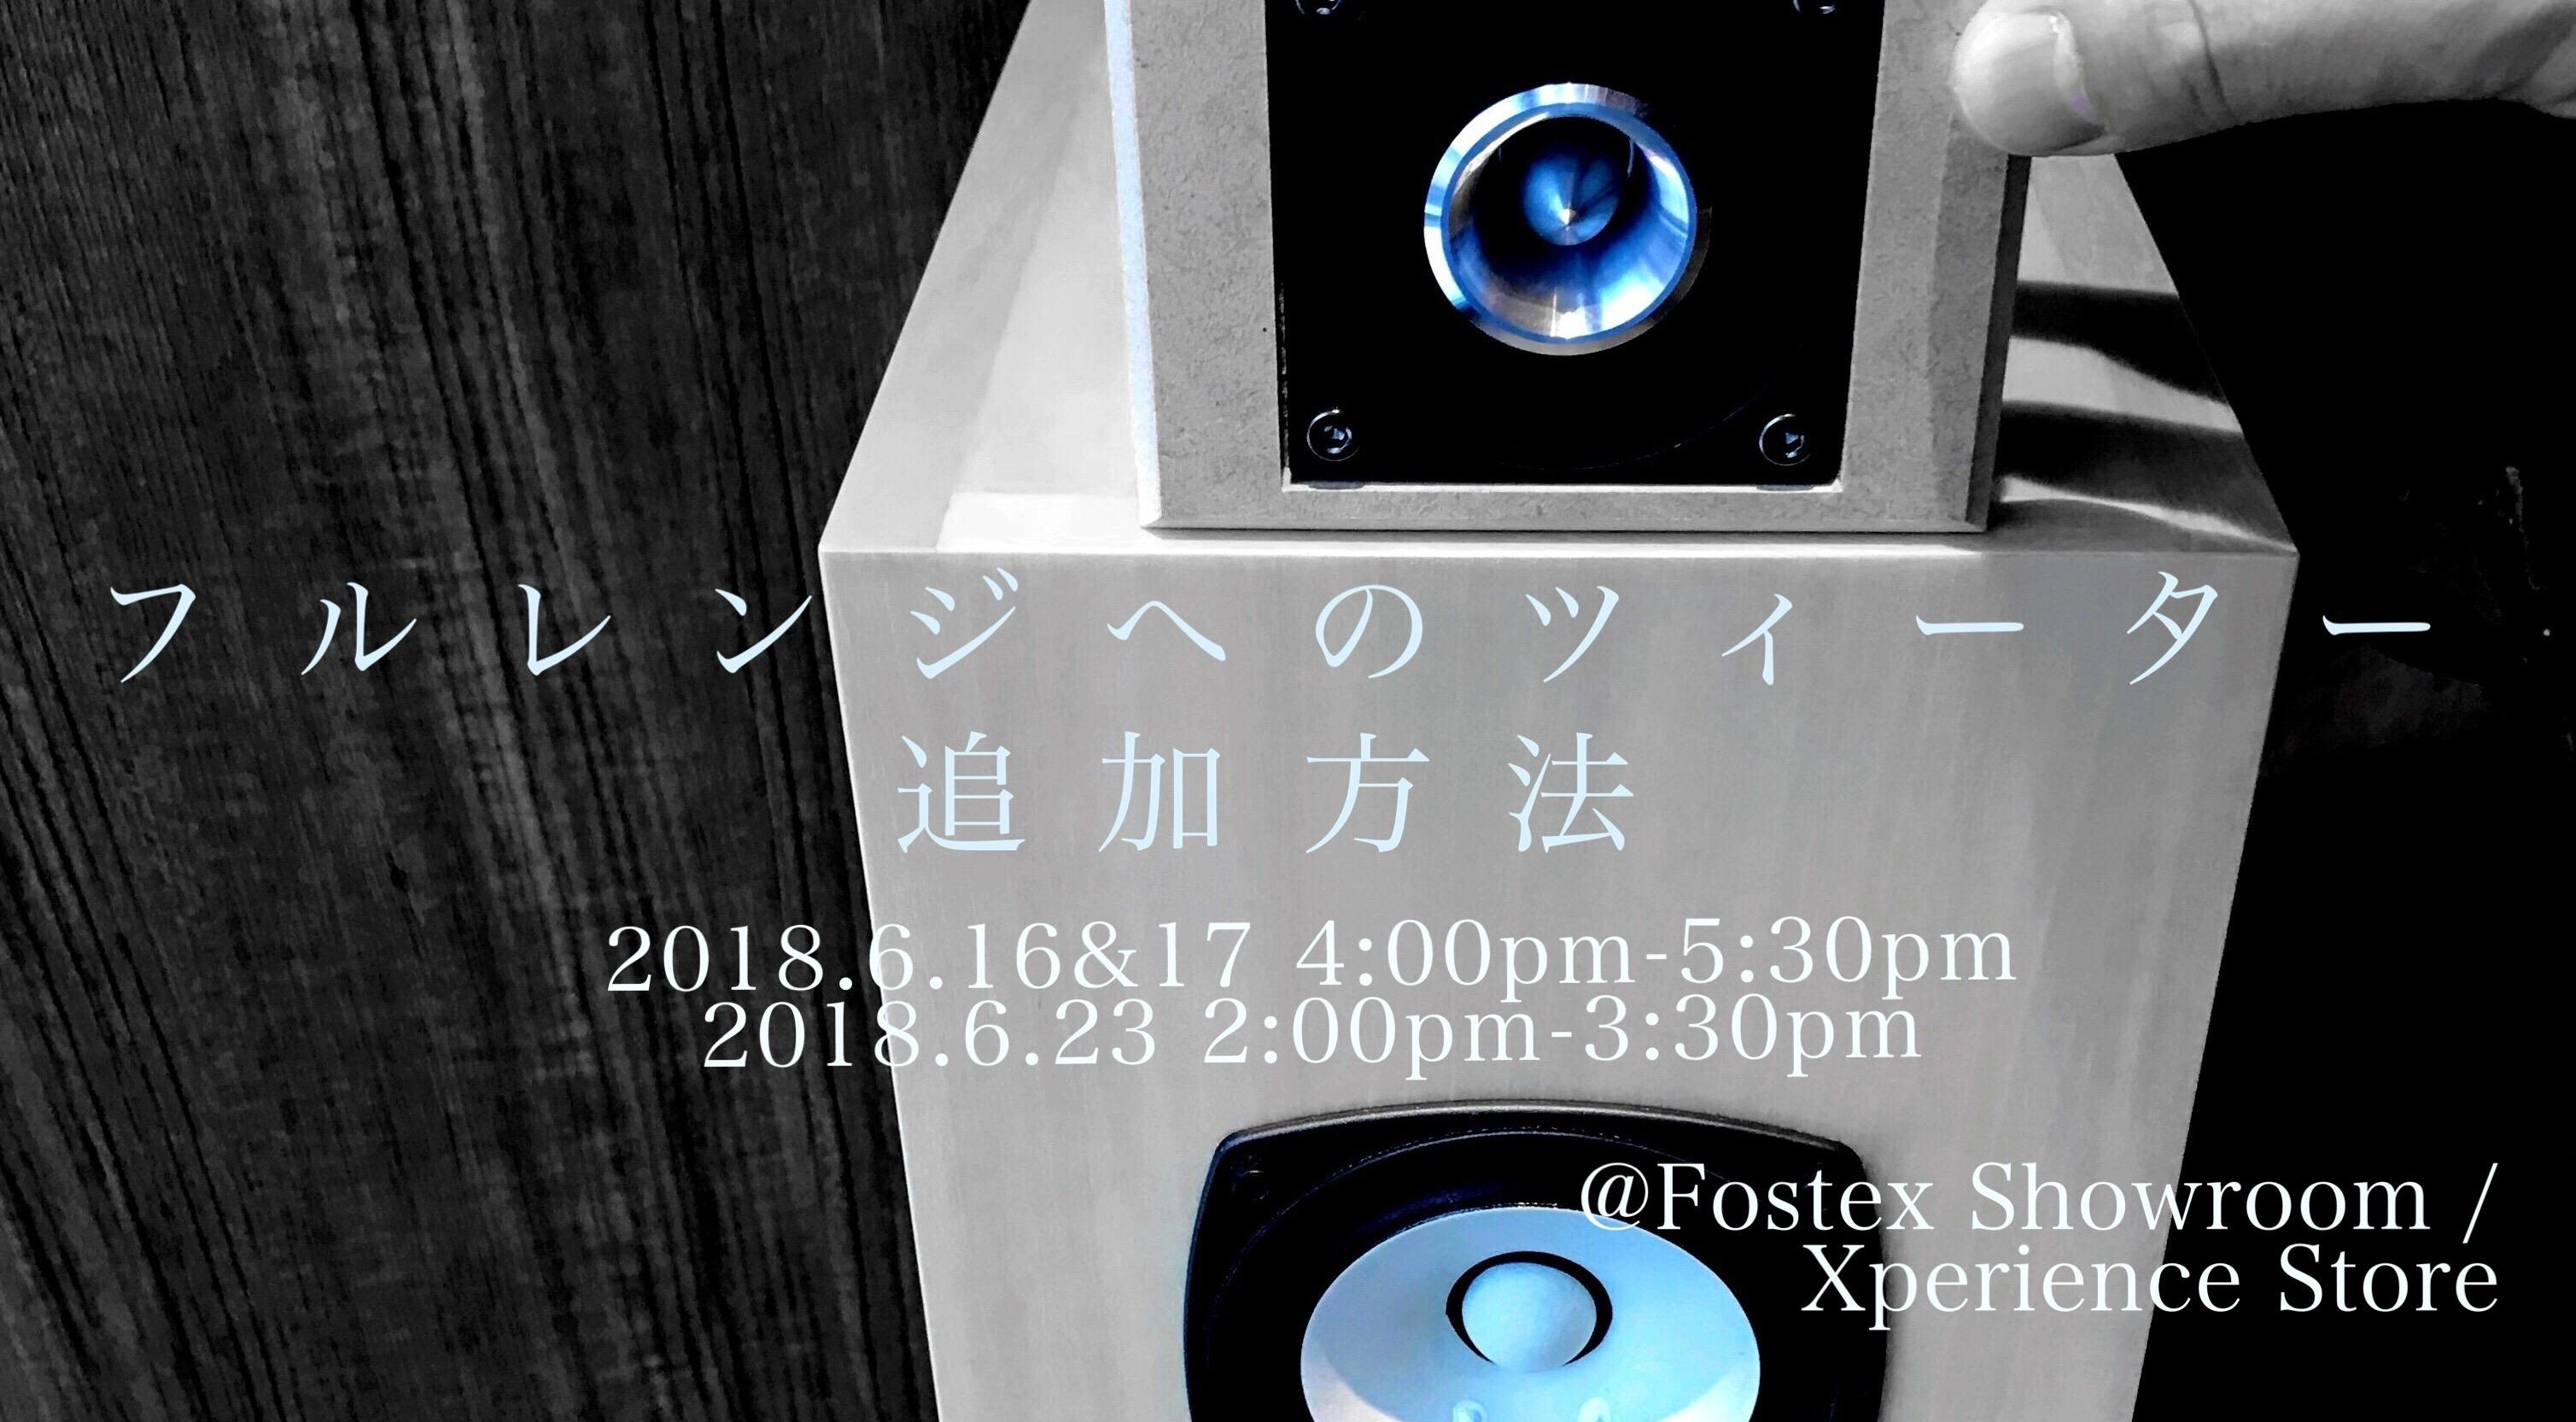 イベント【フルレンジへのツィーター追加方法/セミナー】開催のお知らせ